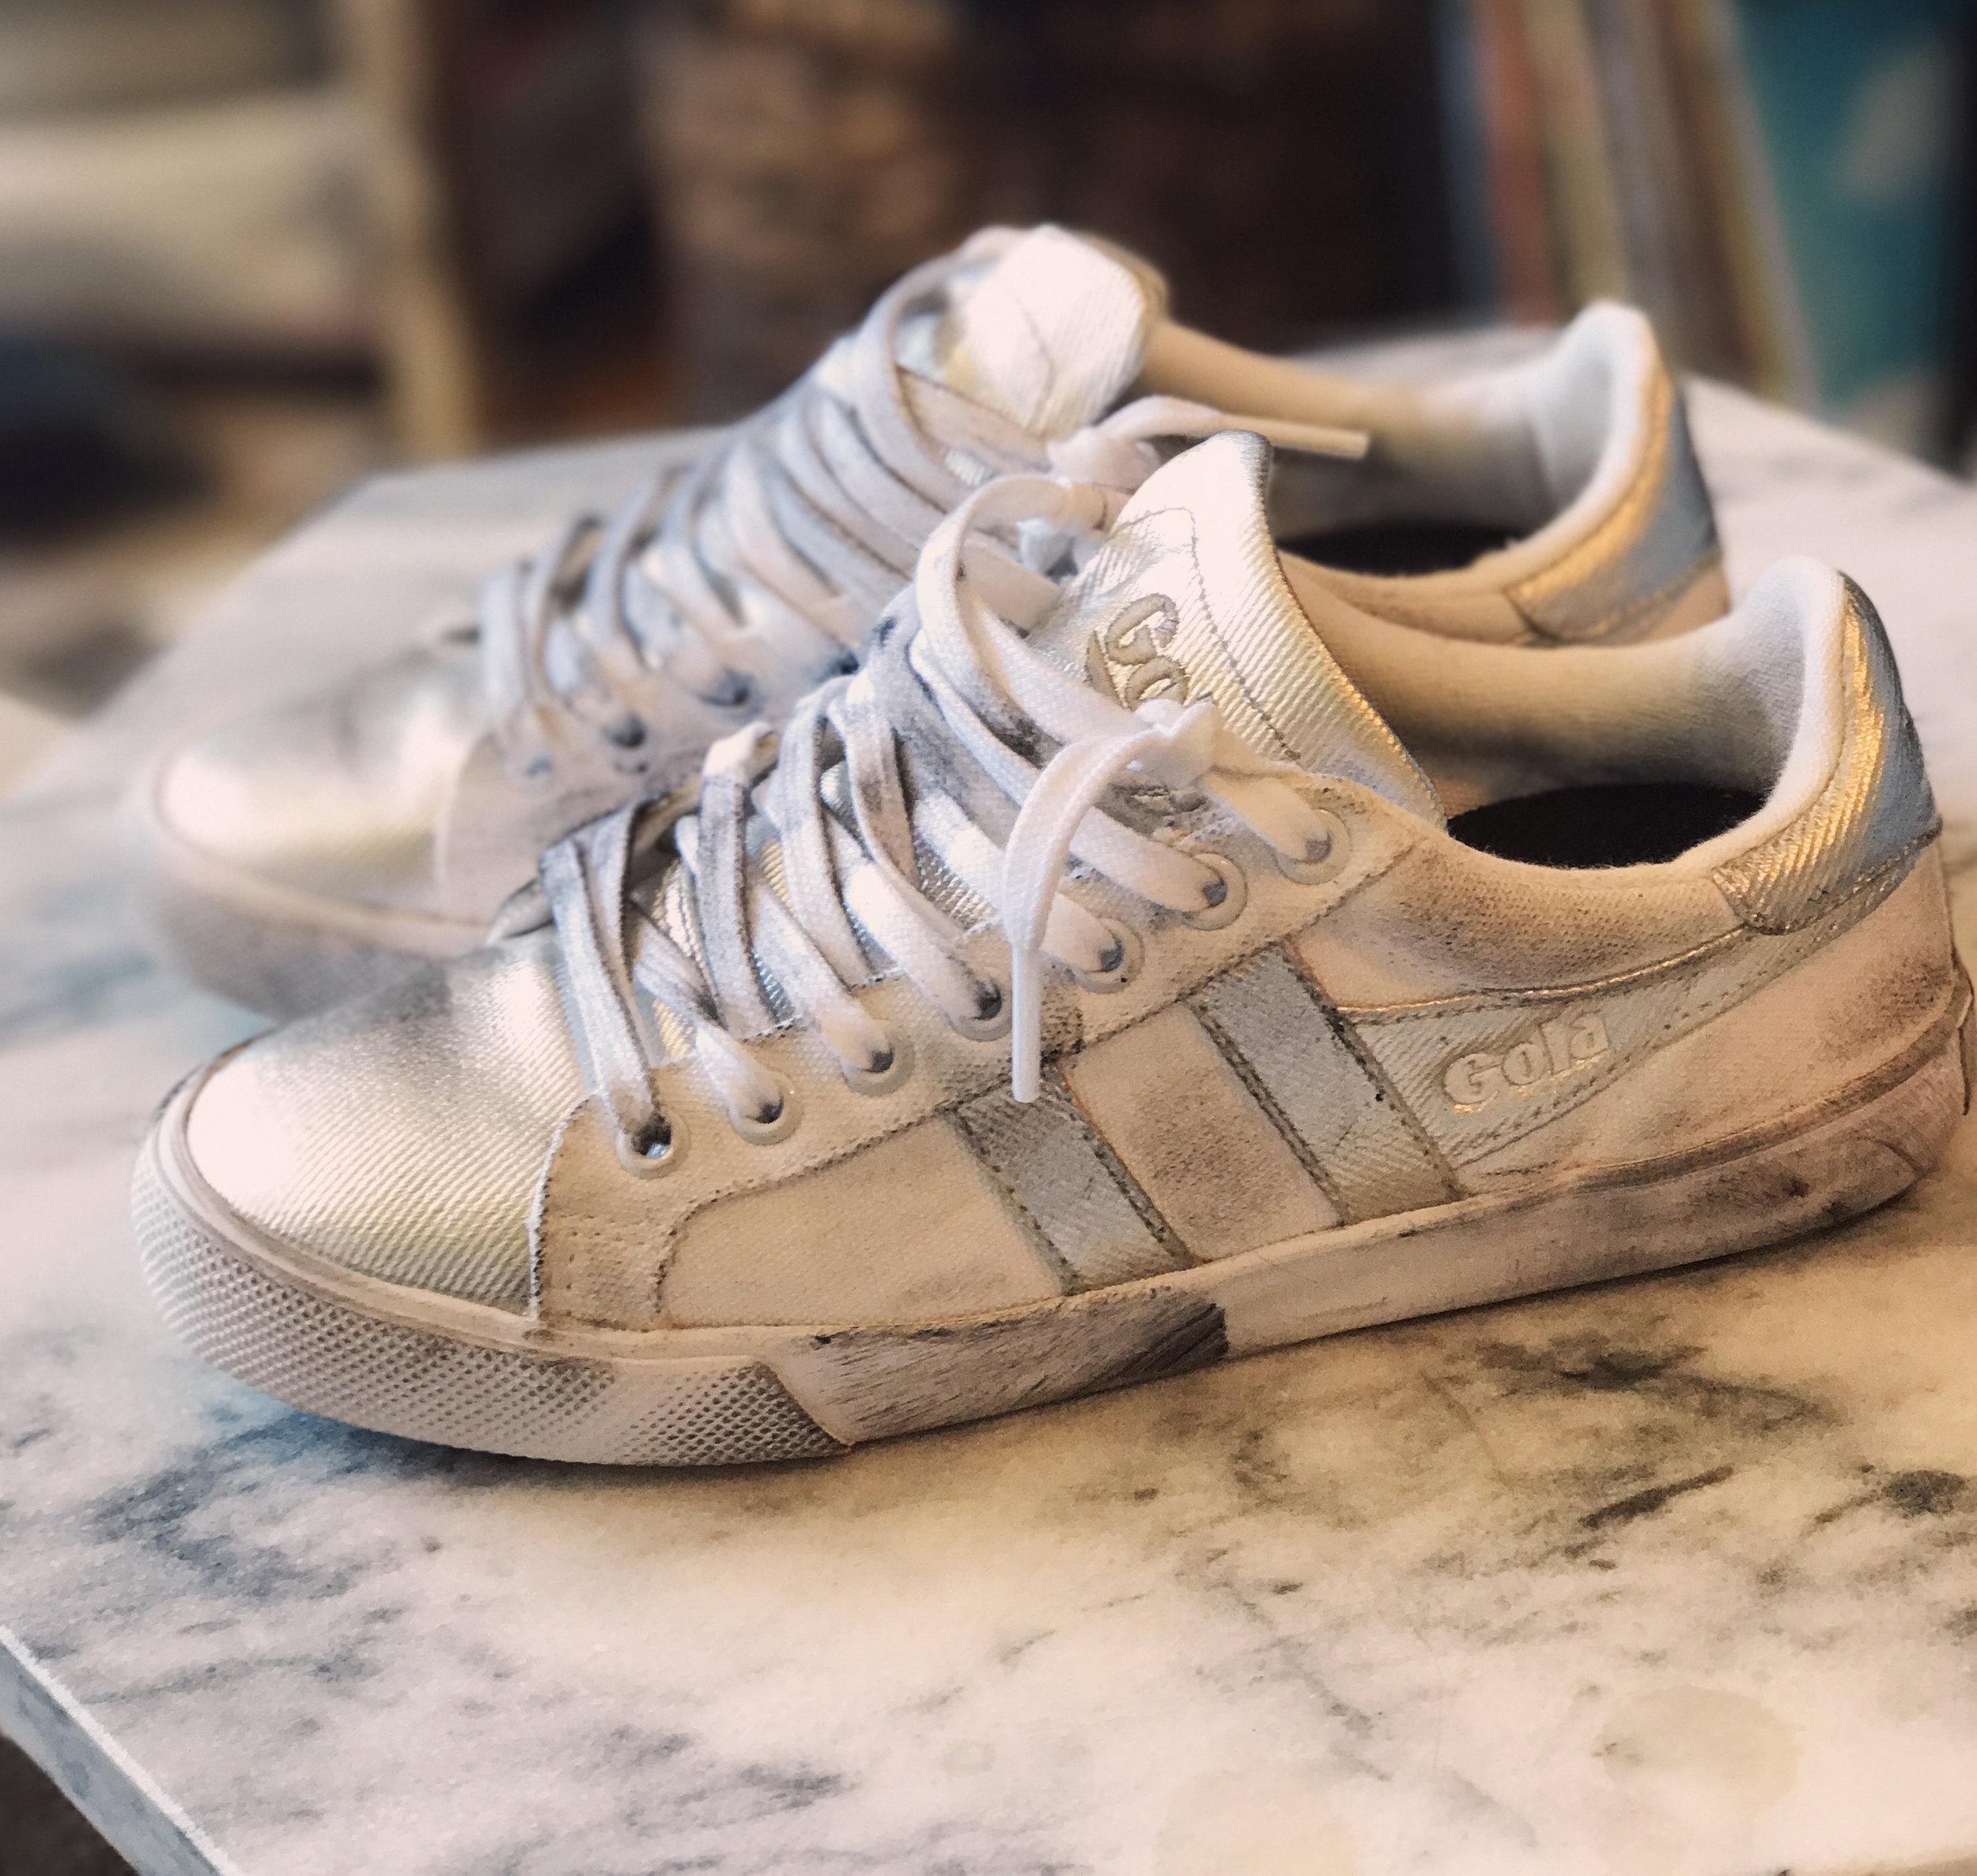 Distressed Sneakers / Golden Goose